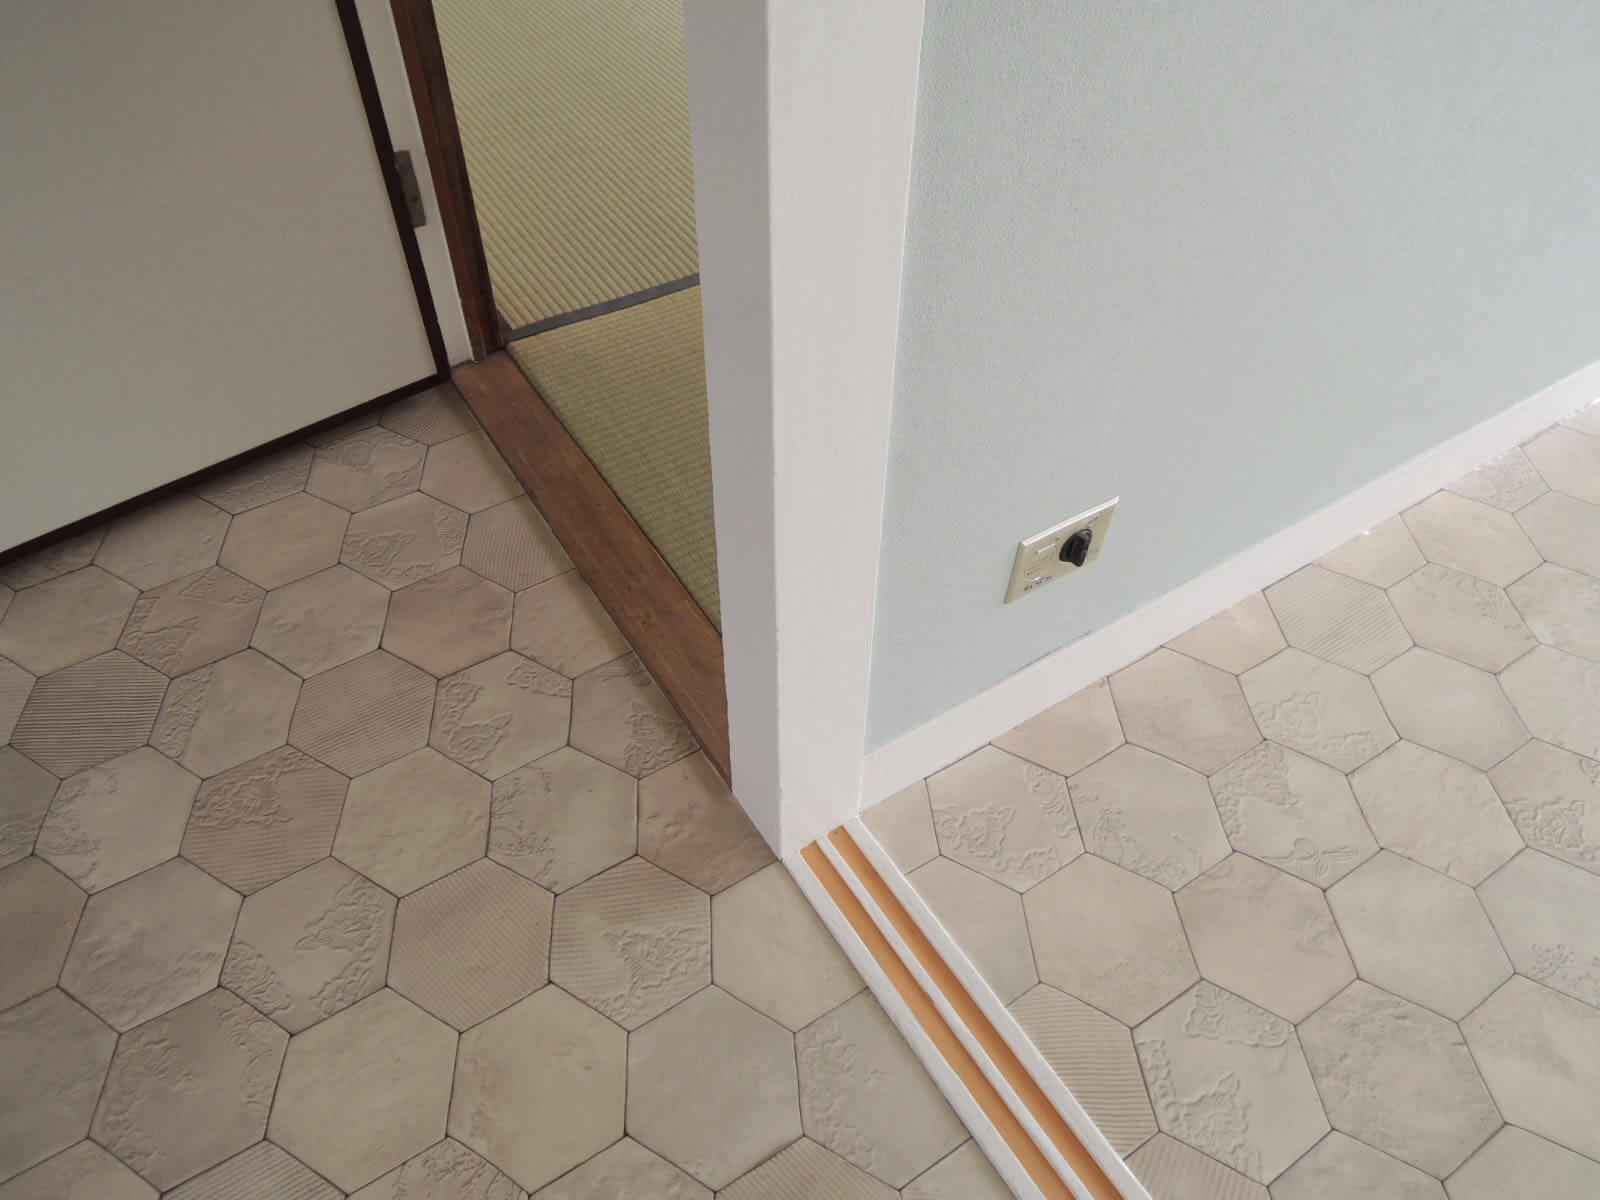 床の柄が独特ですが、掃除がしやすく気を使わずに済むタイプ